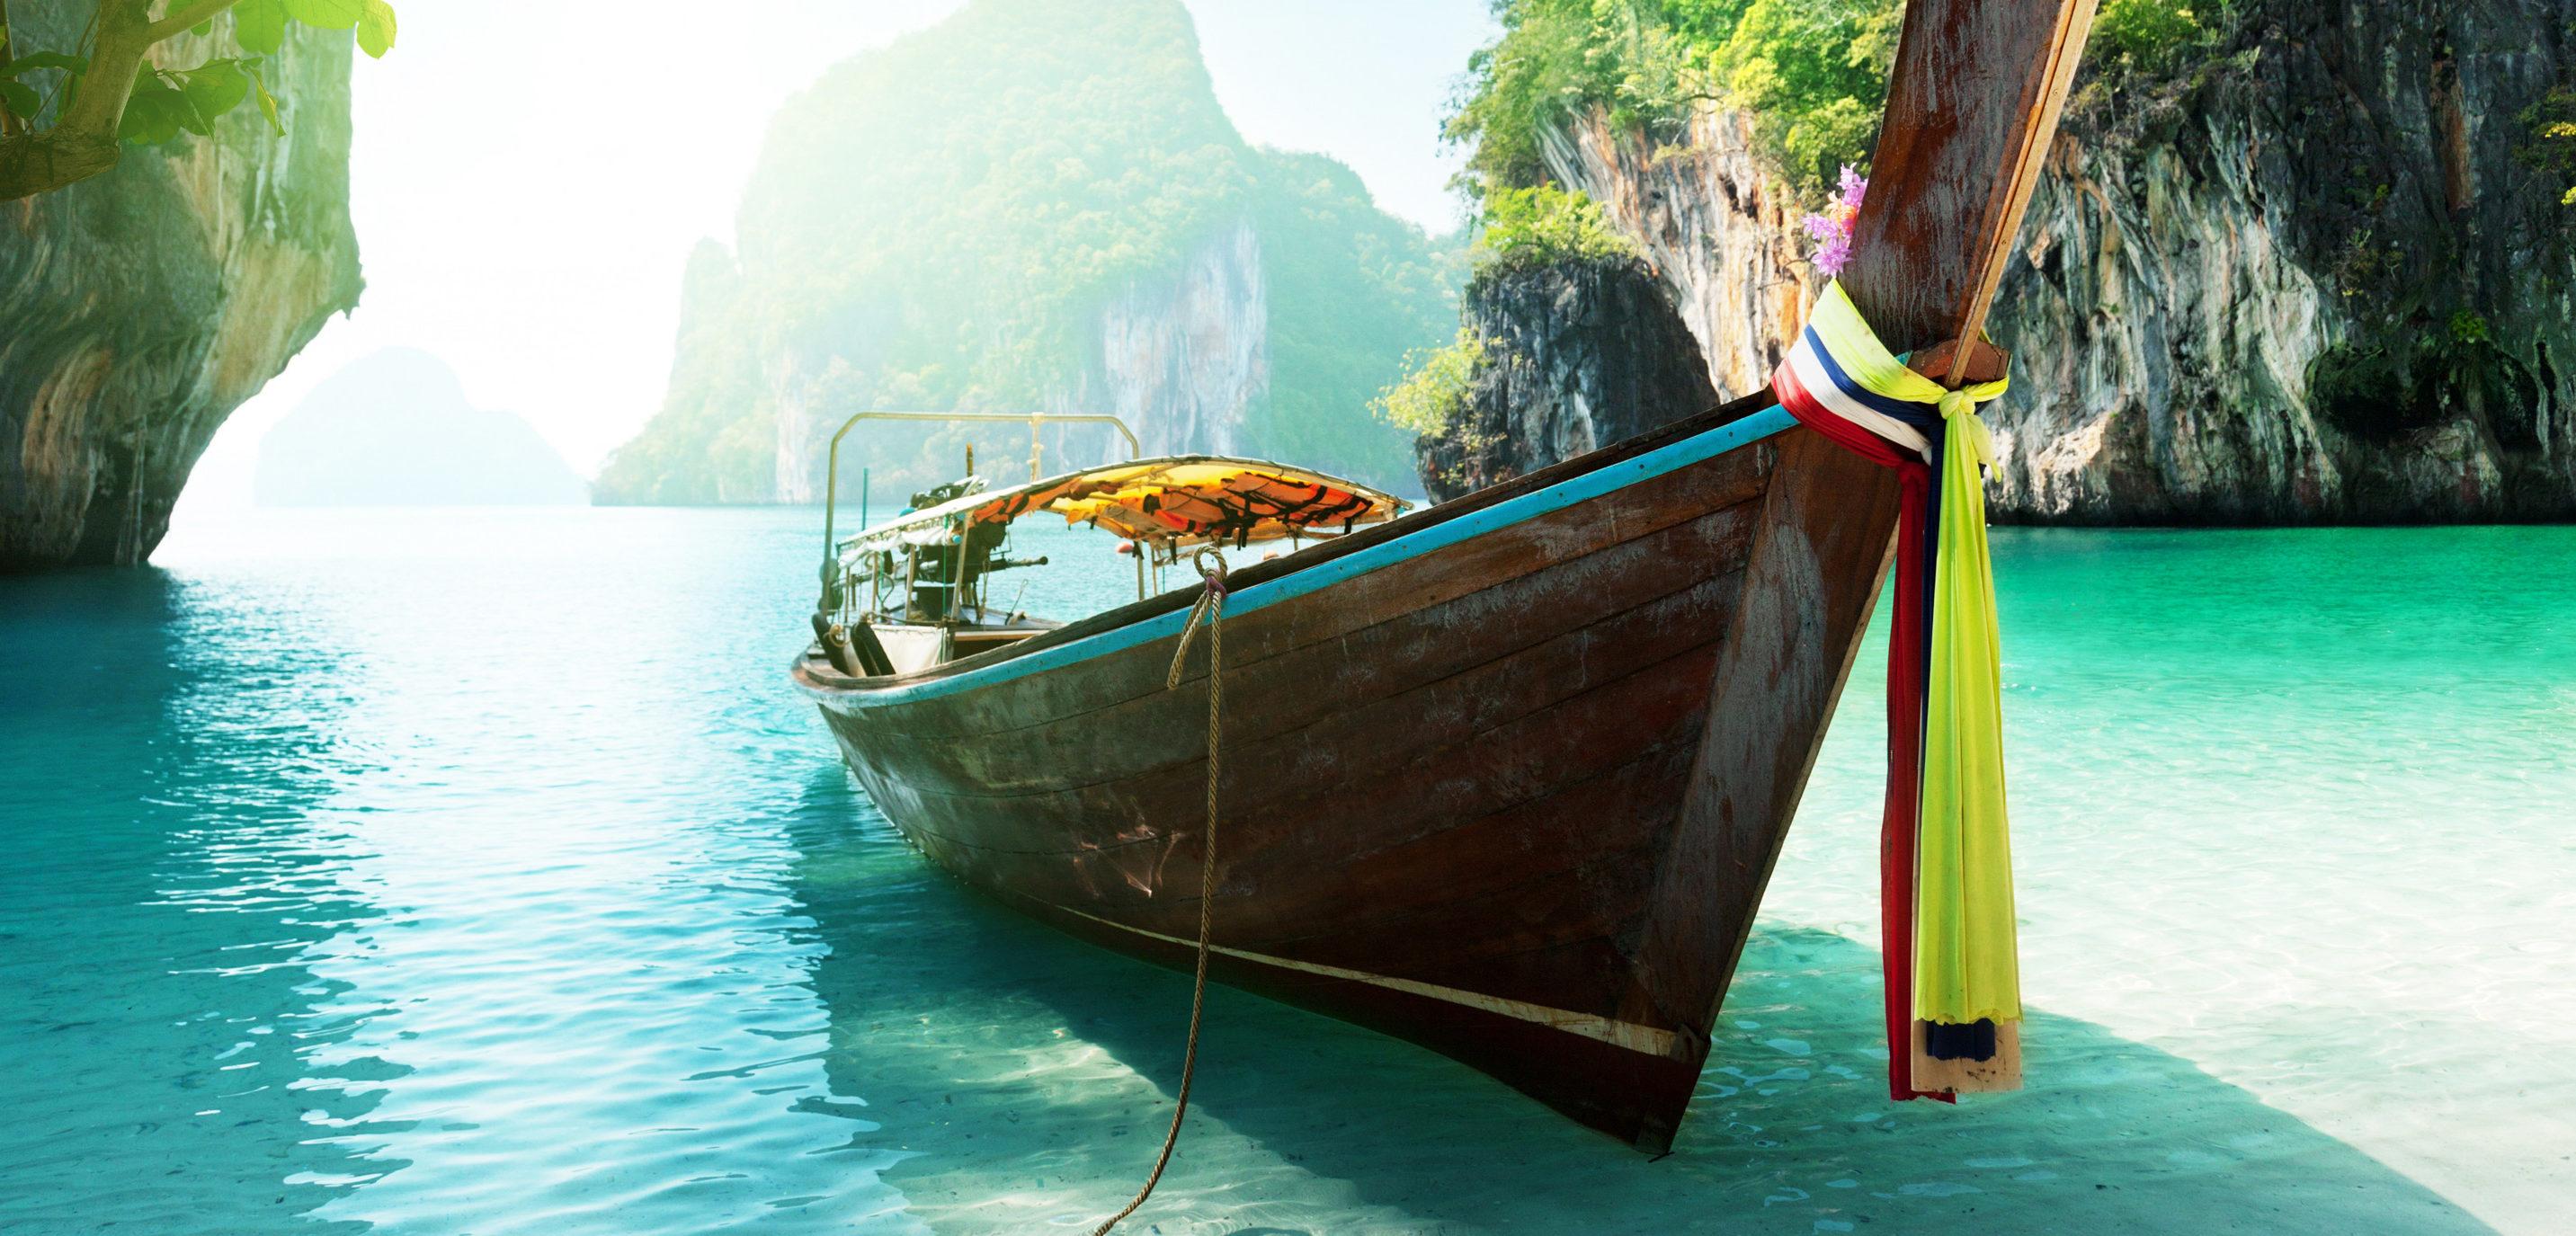 התקופה המומלצת ביותר להגיע לתאילנד